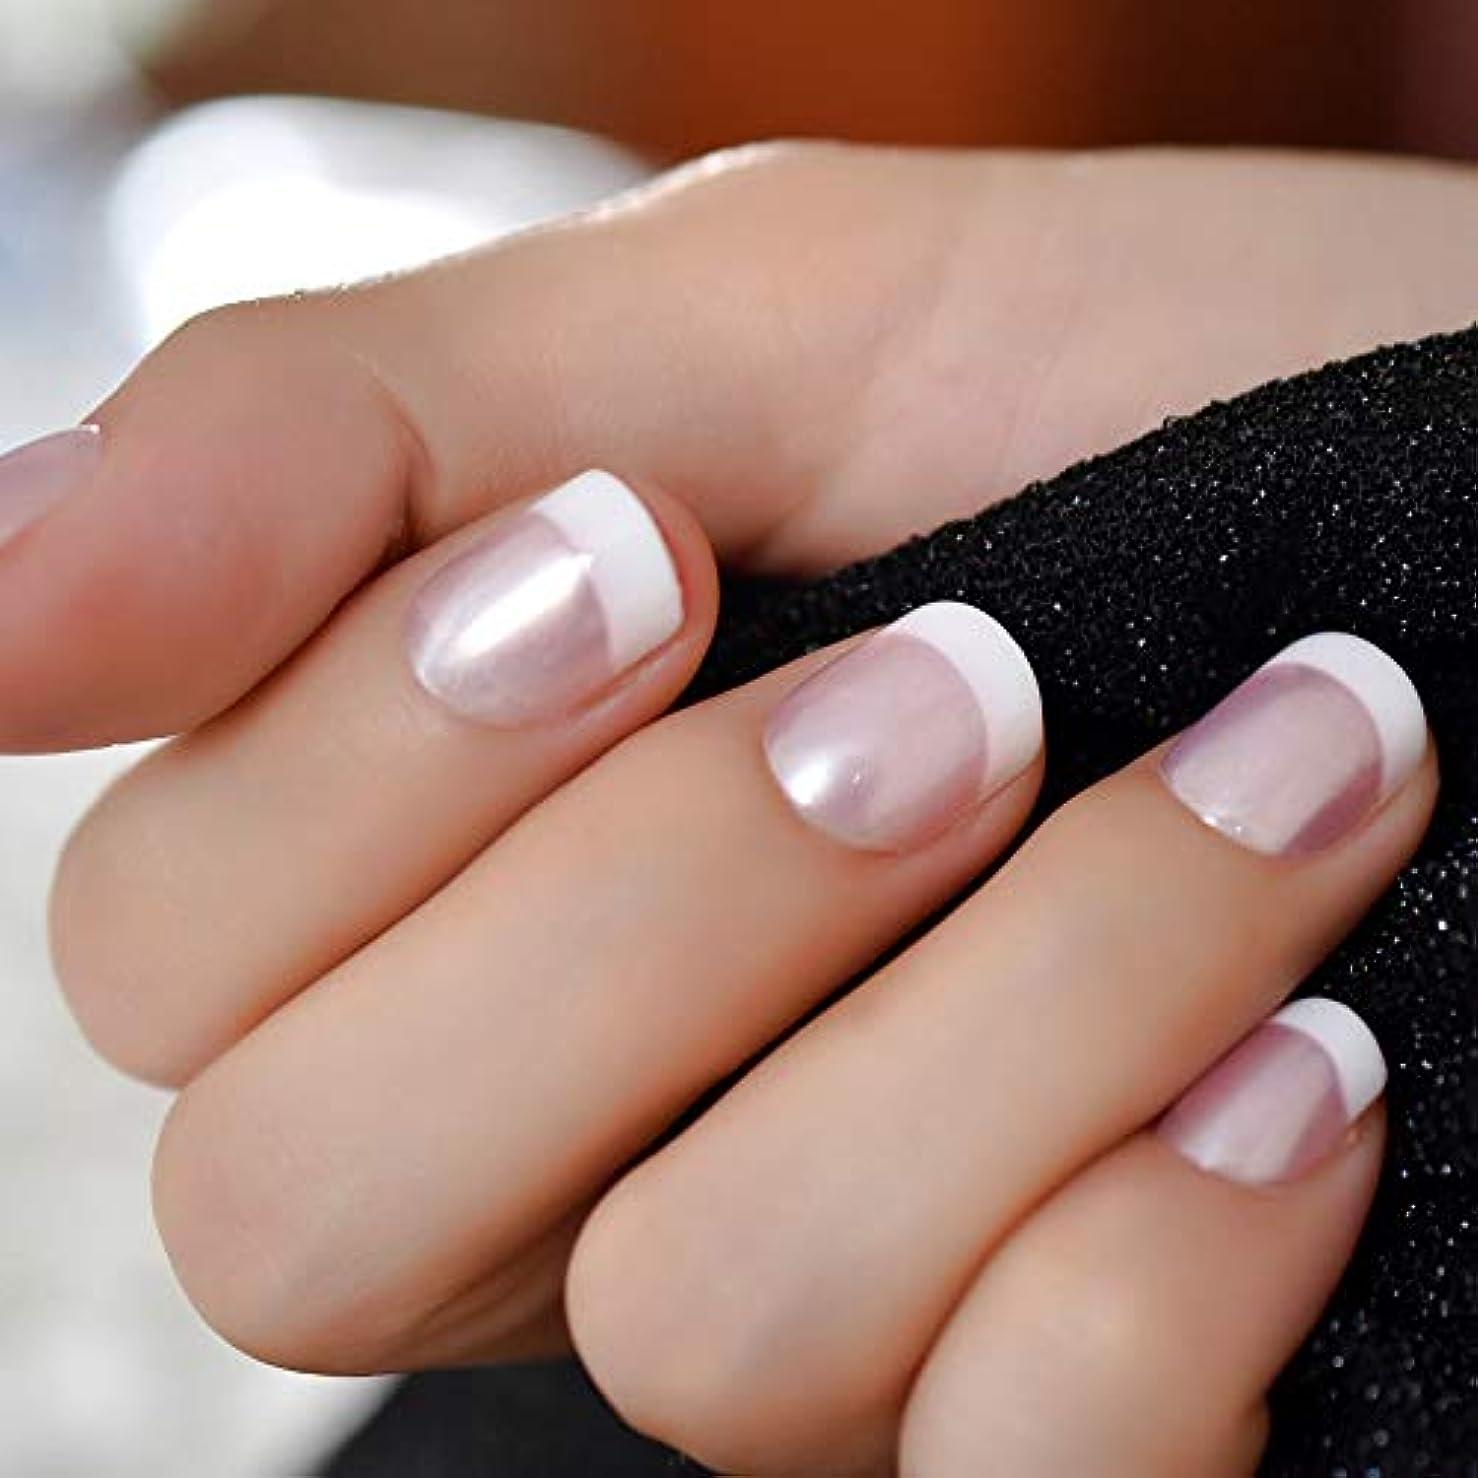 コンテンツオーバードロー変動するXUTXZKA パールシャインピンクネイルホワイトラウンドフェイクネイルショートサテン人工女性指の爪